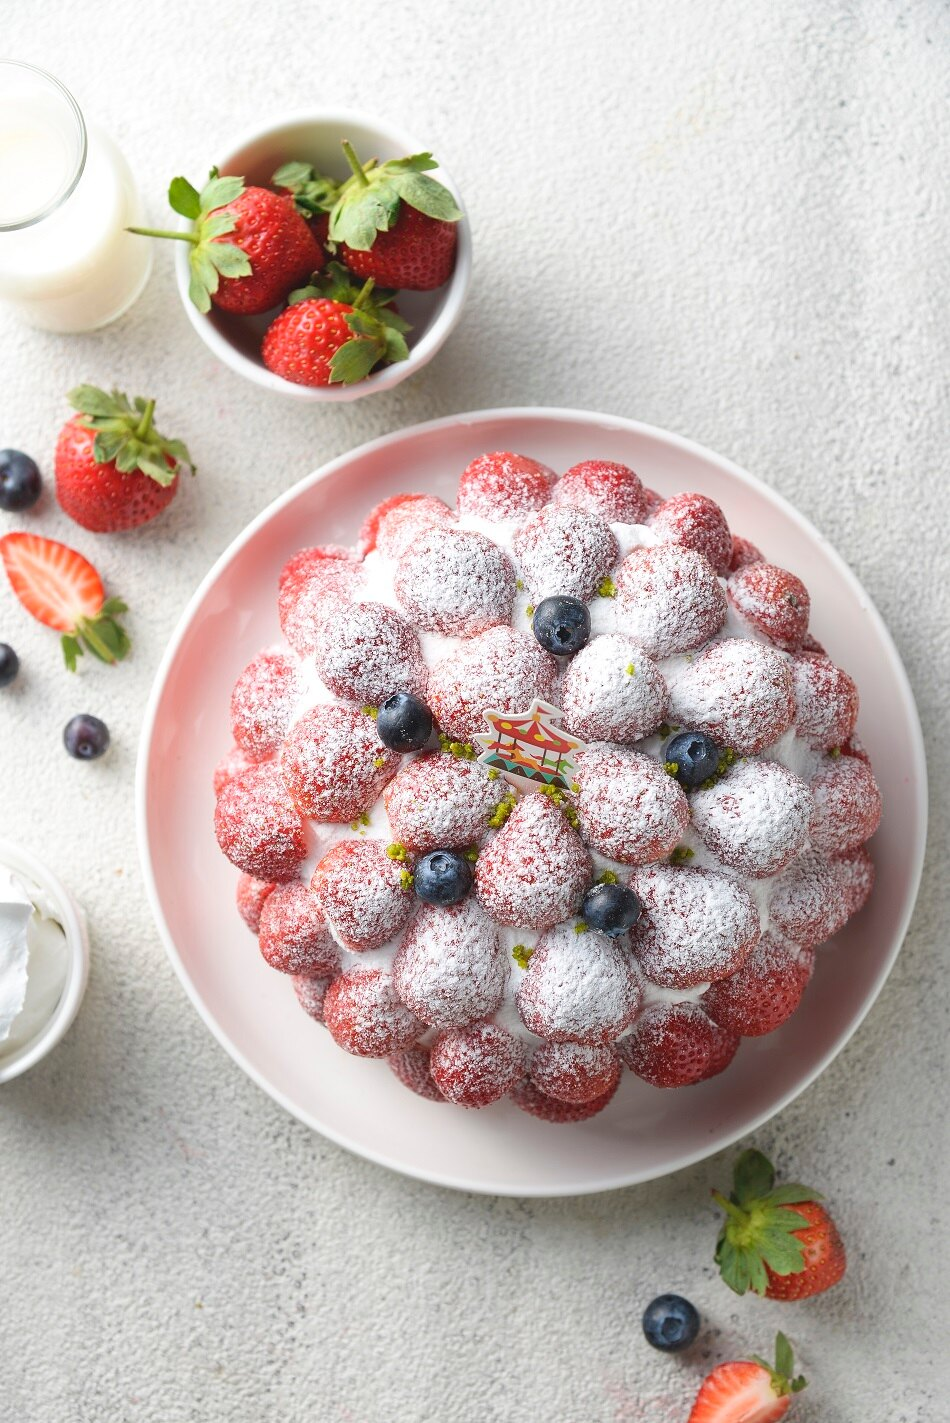 雙12 SUPER SALE 整點特賣 12 / 15 12:00 準時開搶 草莓園6吋(4~6人食用)免運▲ 紅艷欲滴的新鮮草莓鋪滿蛋糕表面搭配柔軟綿密的香草蛋糕滑順北海道奶霜 清爽宜人的風味 2